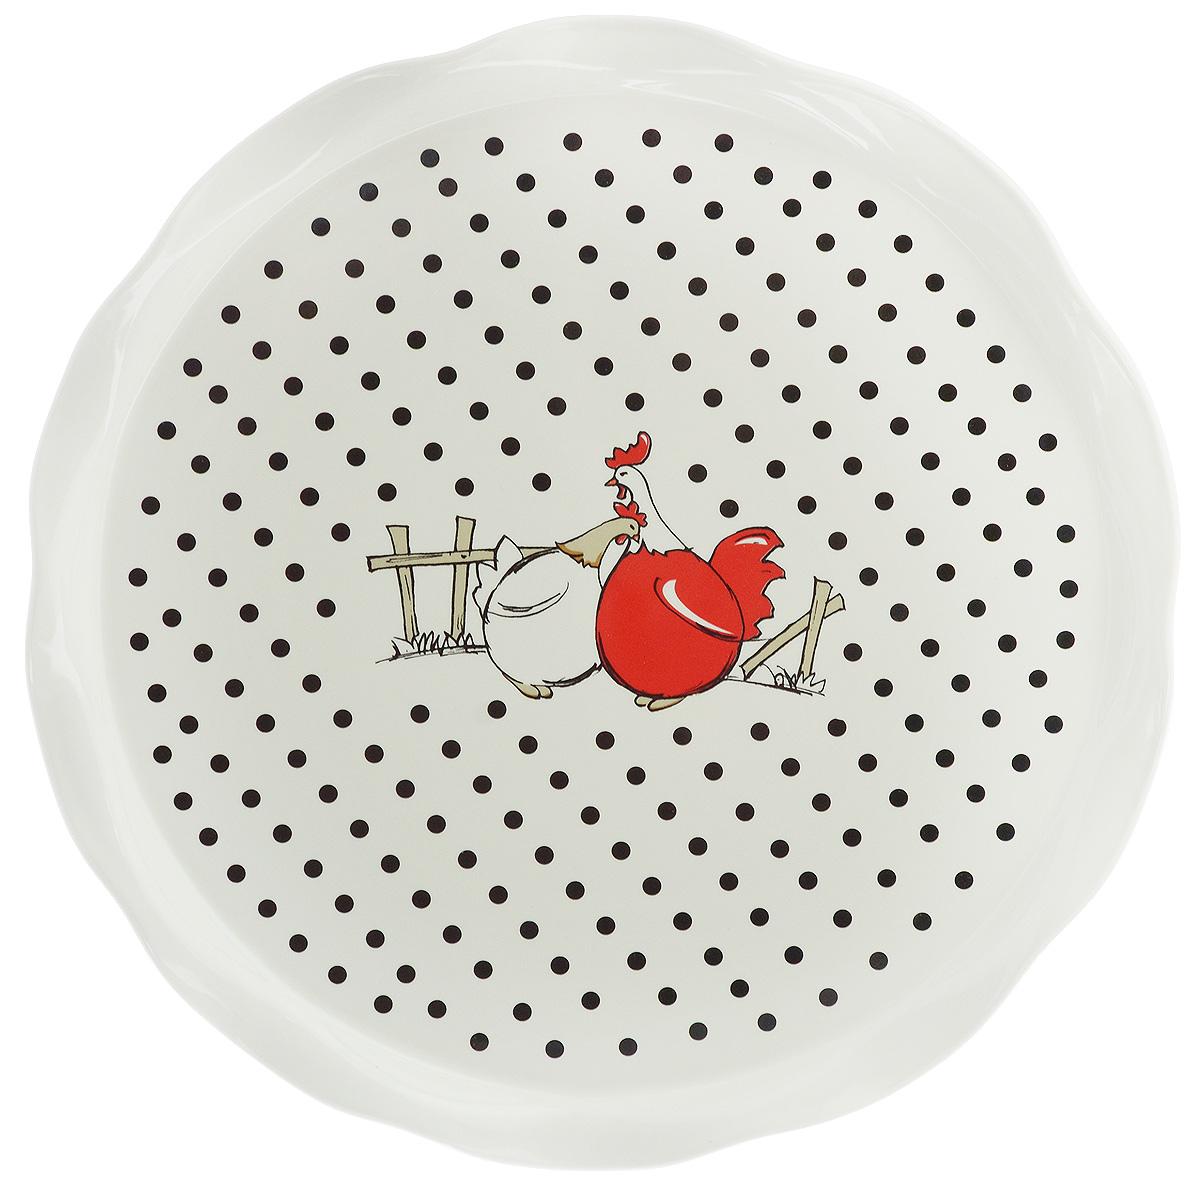 Блюдо круглое Bella, диаметр 30 см115510Круглое блюдо Bella изготовлено из высококачественной керамики и декорировано изображением птиц. Такое оригинальное блюдо идеально подойдет для красивой сервировки стола.Рекомендуется мыть вручную с использованием неабразивных моющих средств.Диаметр блюда: 30 см.Высота блюда: 1,9 см.